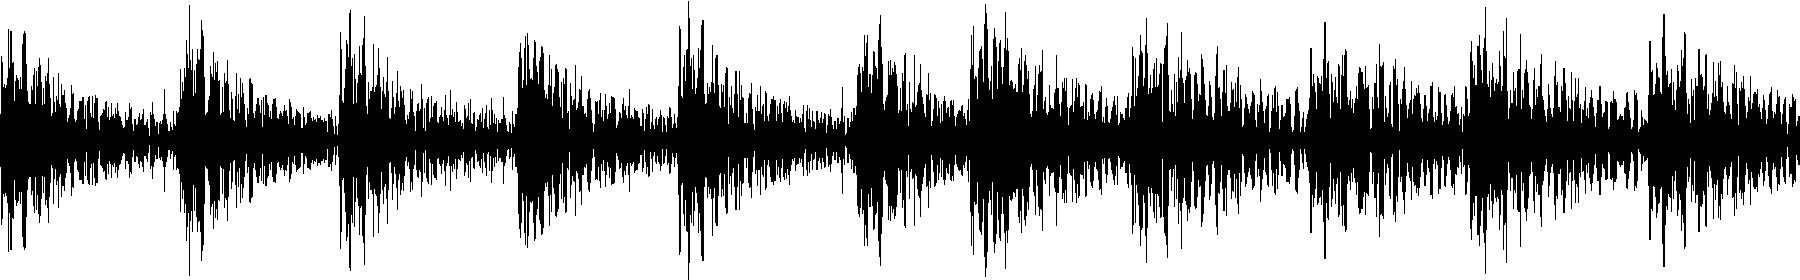 us lfh synth organz c 122